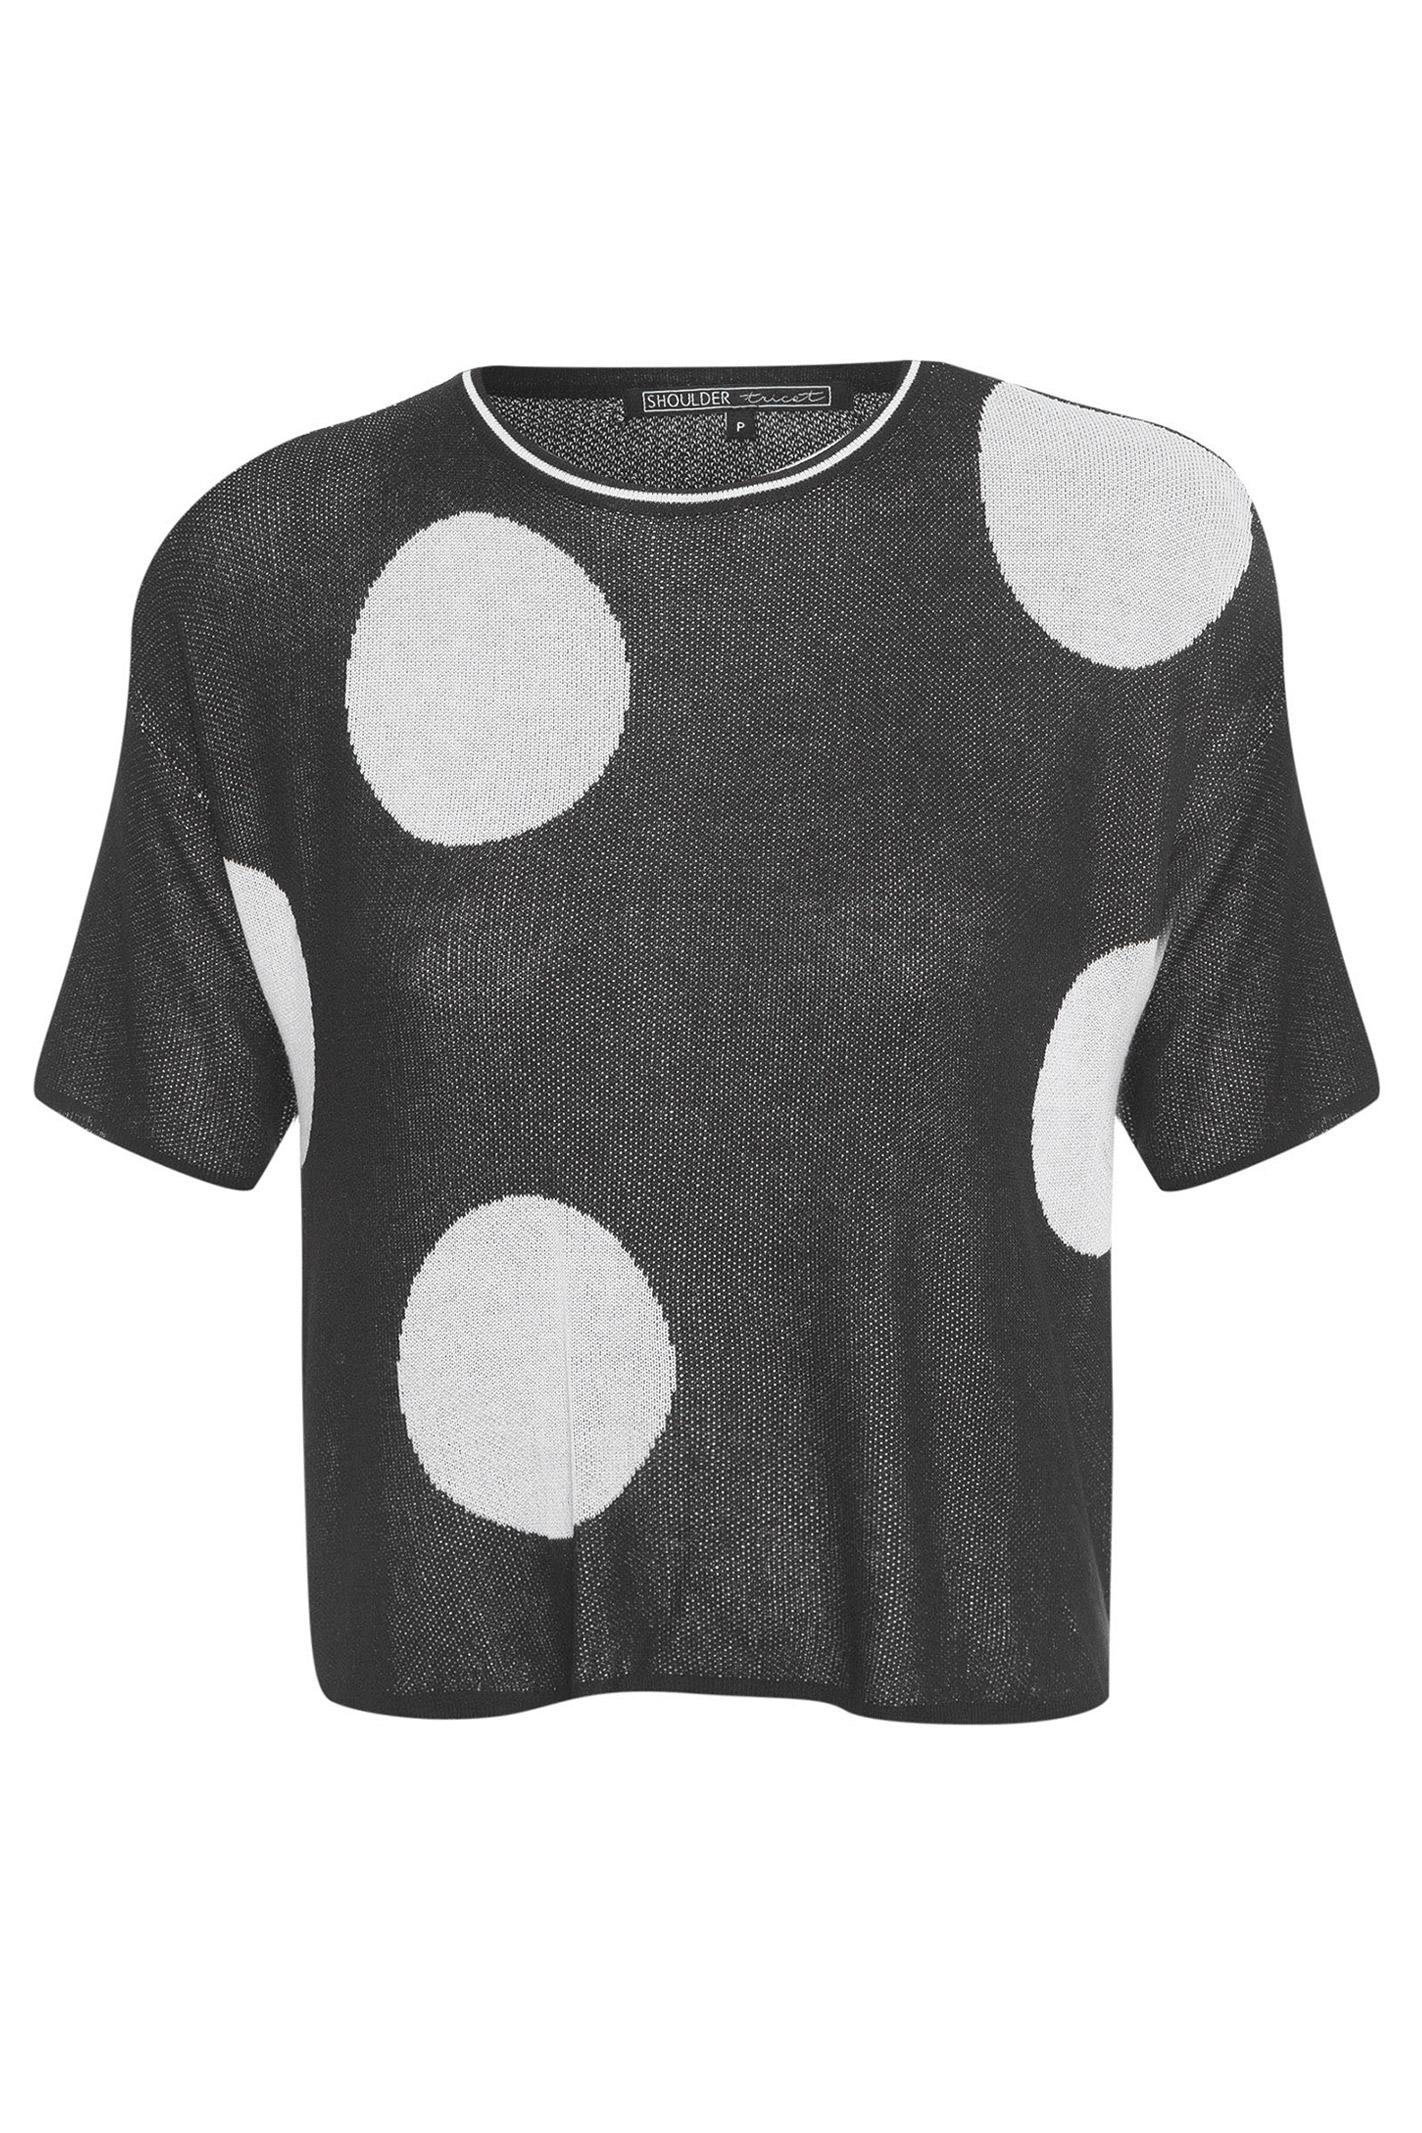 T-Shirt Tricot Bolas - Preto